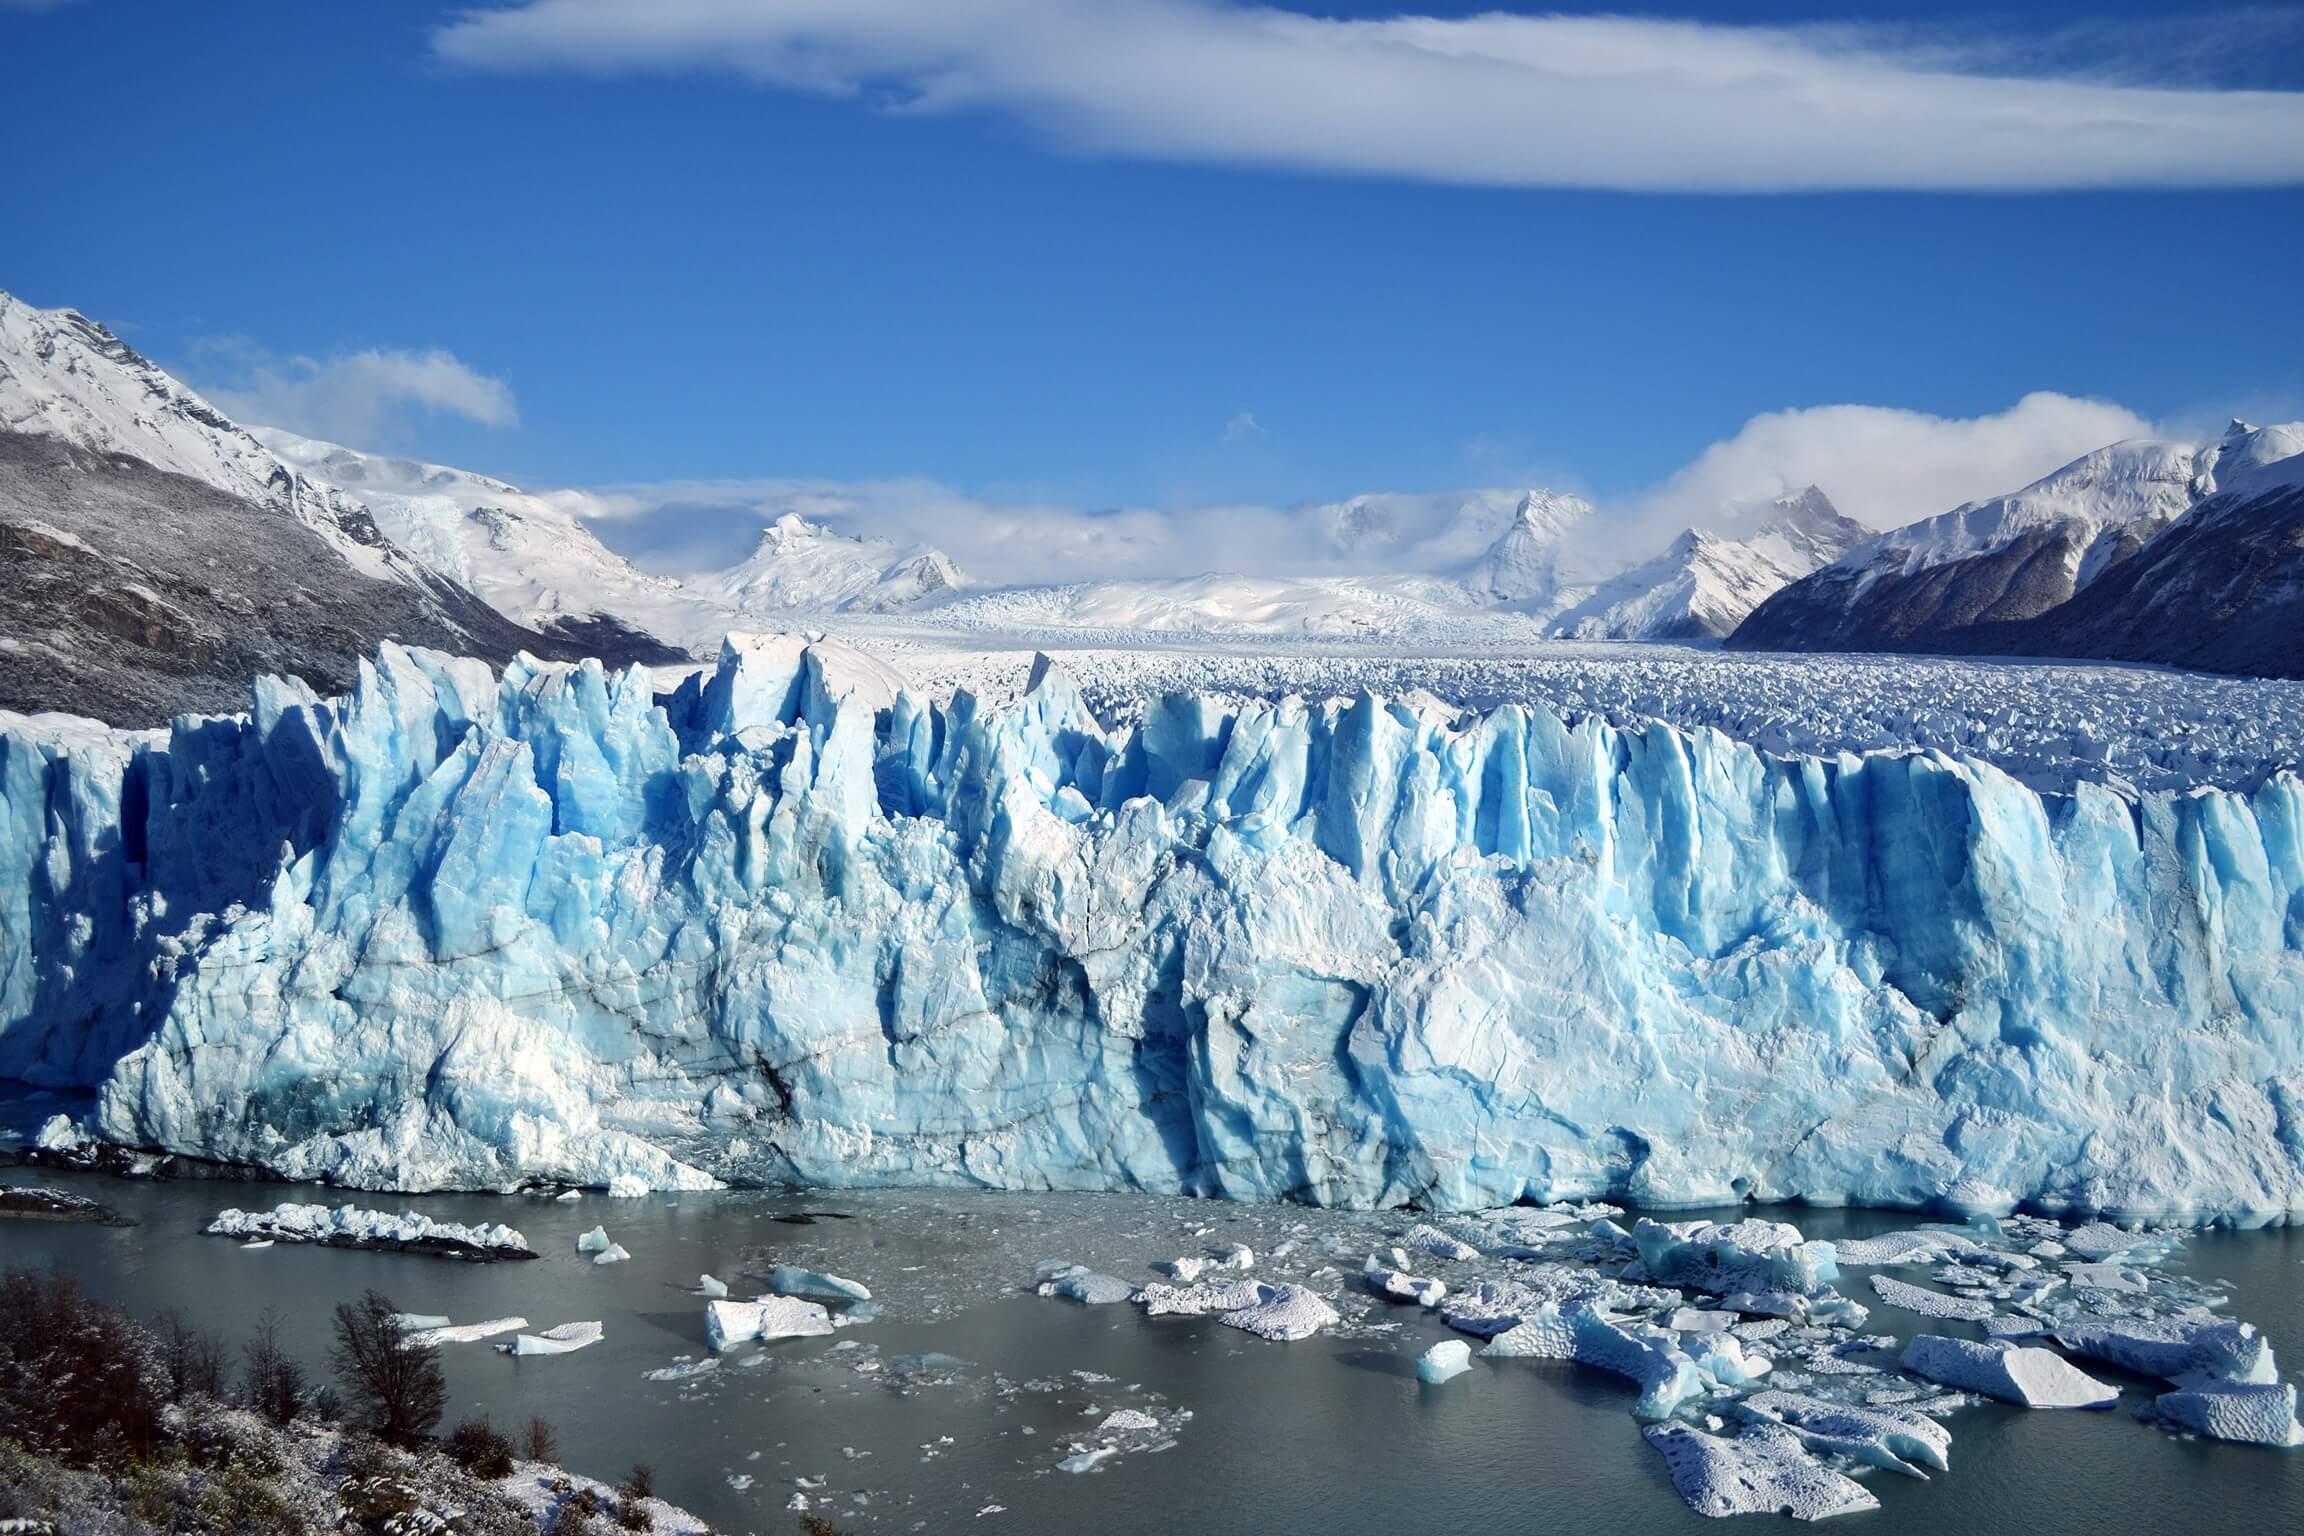 los glaciares national park, perito moreno glacier, perito moreno, los glaciares national park tours, los glaciares, upsala glacier